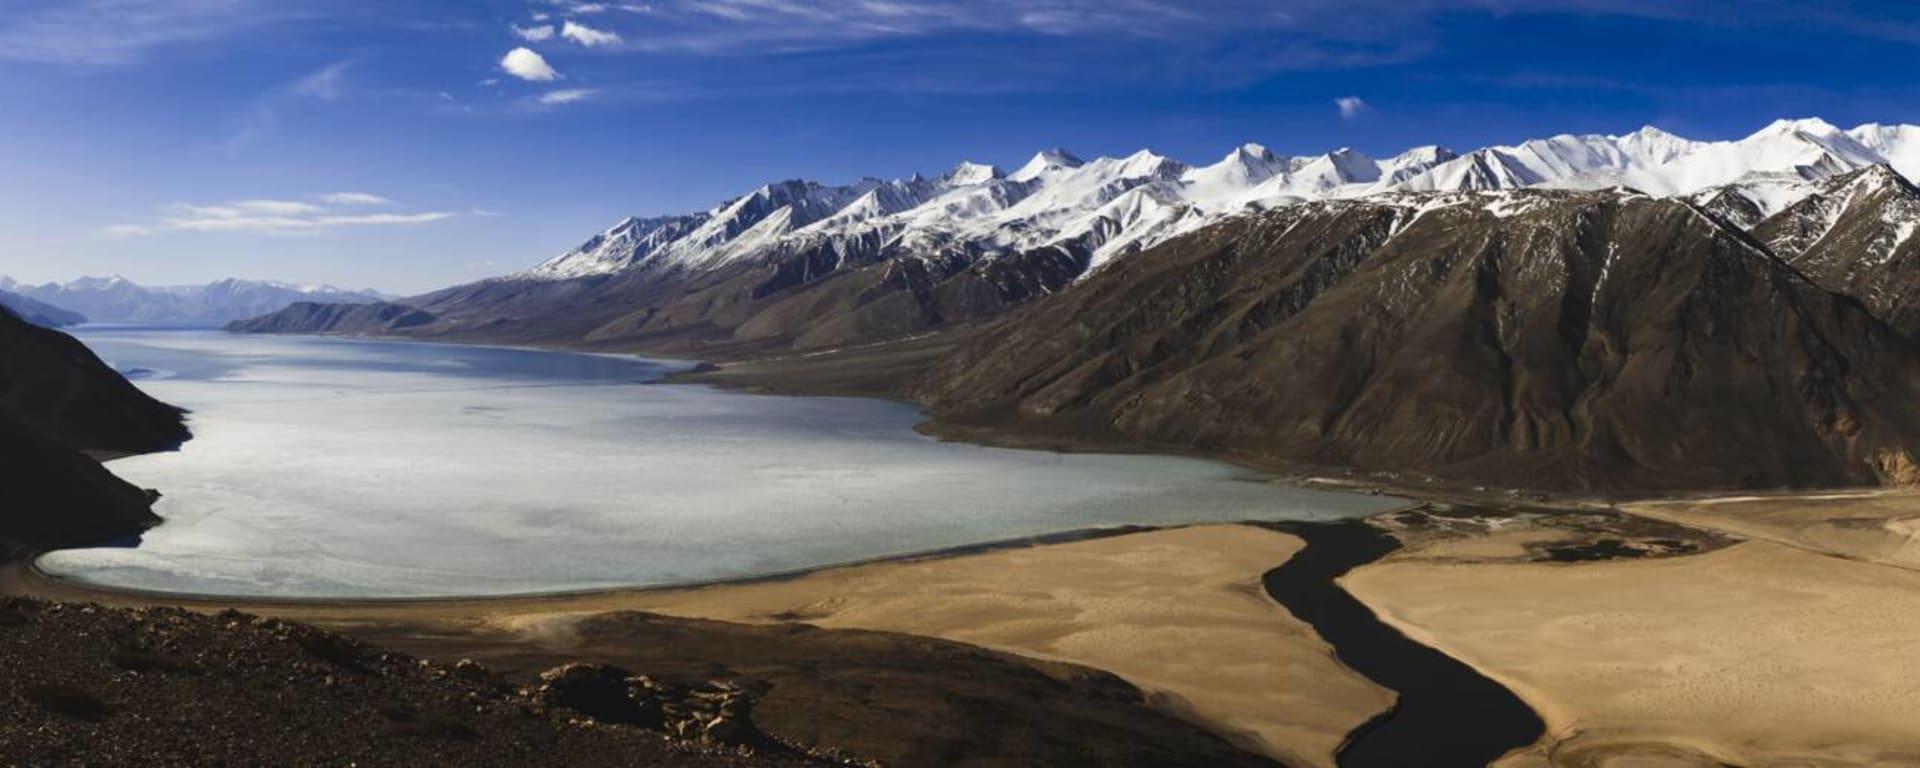 China entdecken mit Tischler Reisen: Tibet Pangong Tso Lake